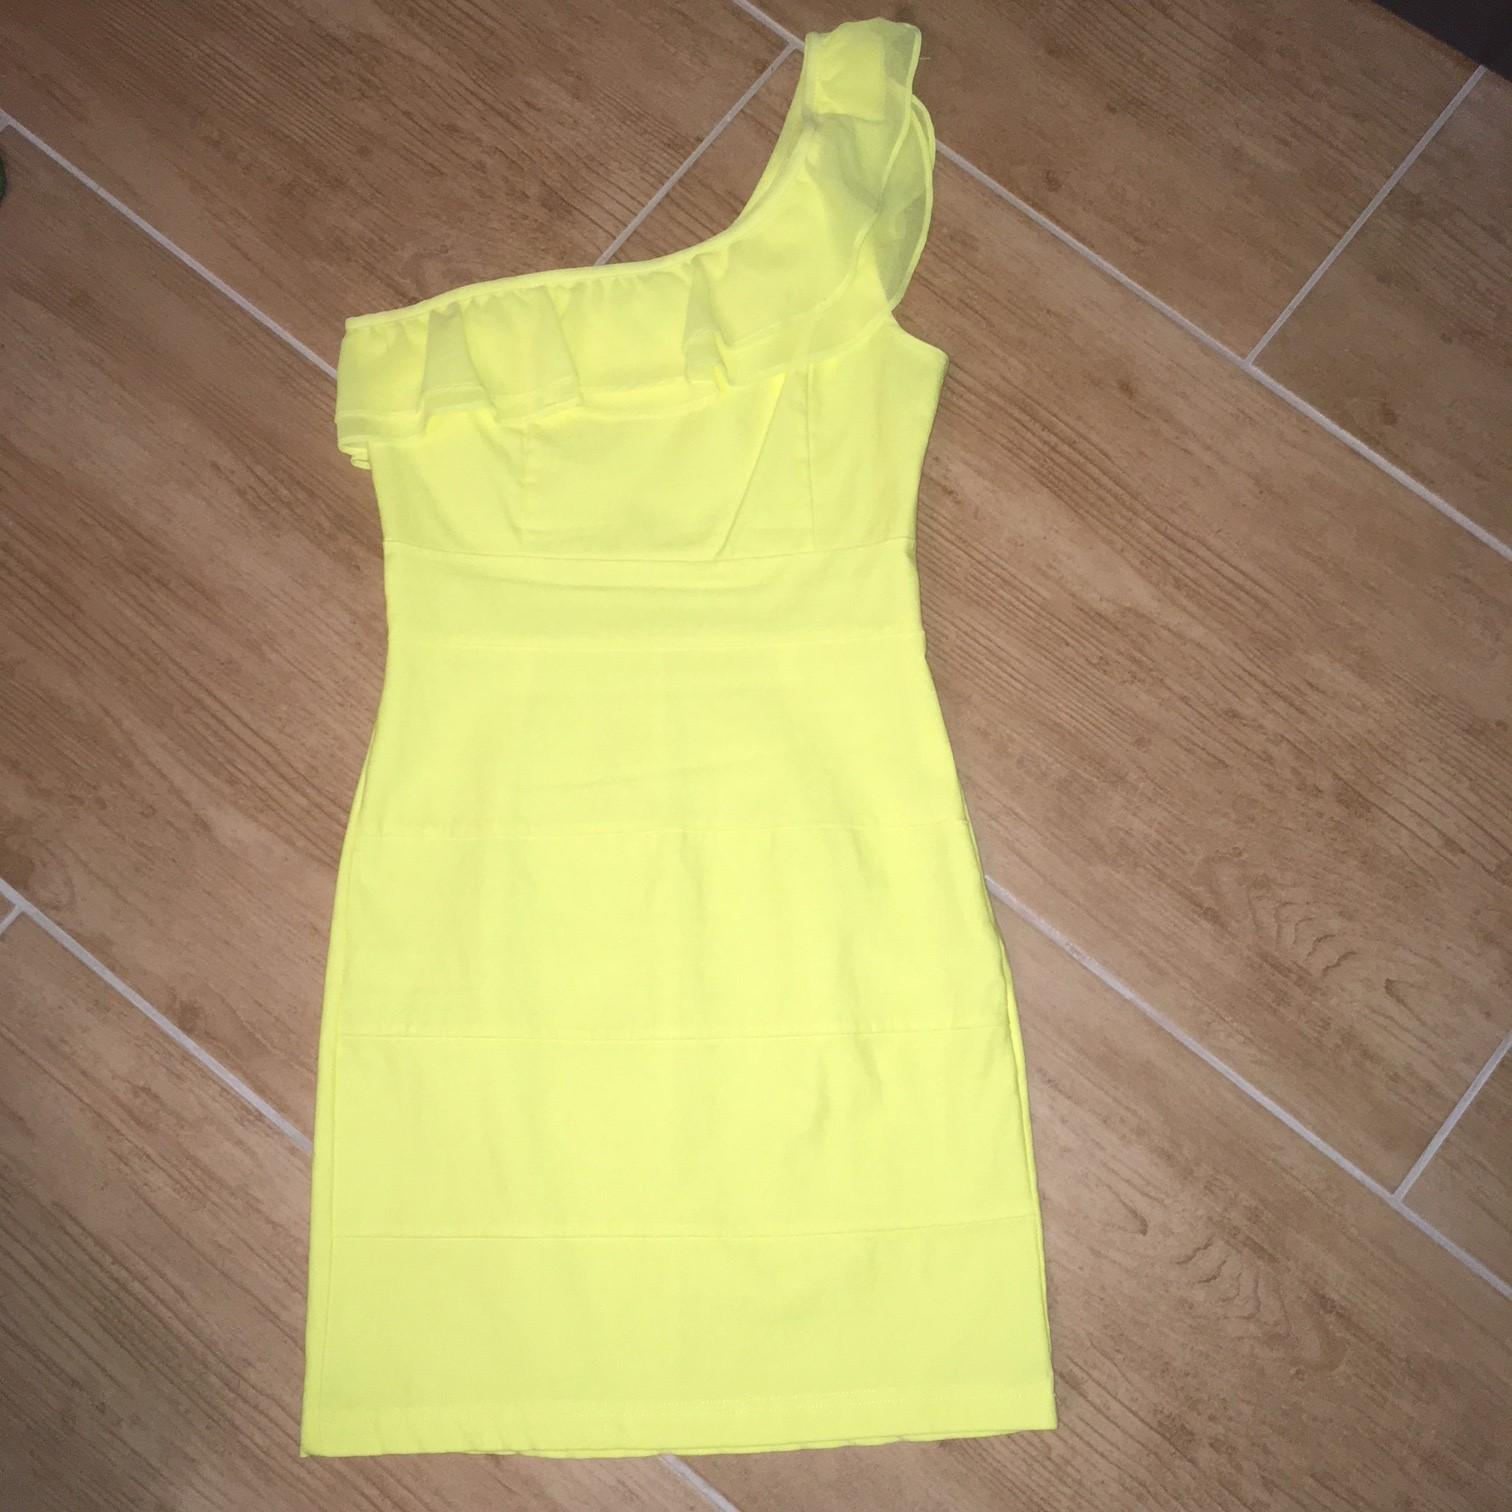 žltučke šaty na jedno rameno - Obrázok č. 1